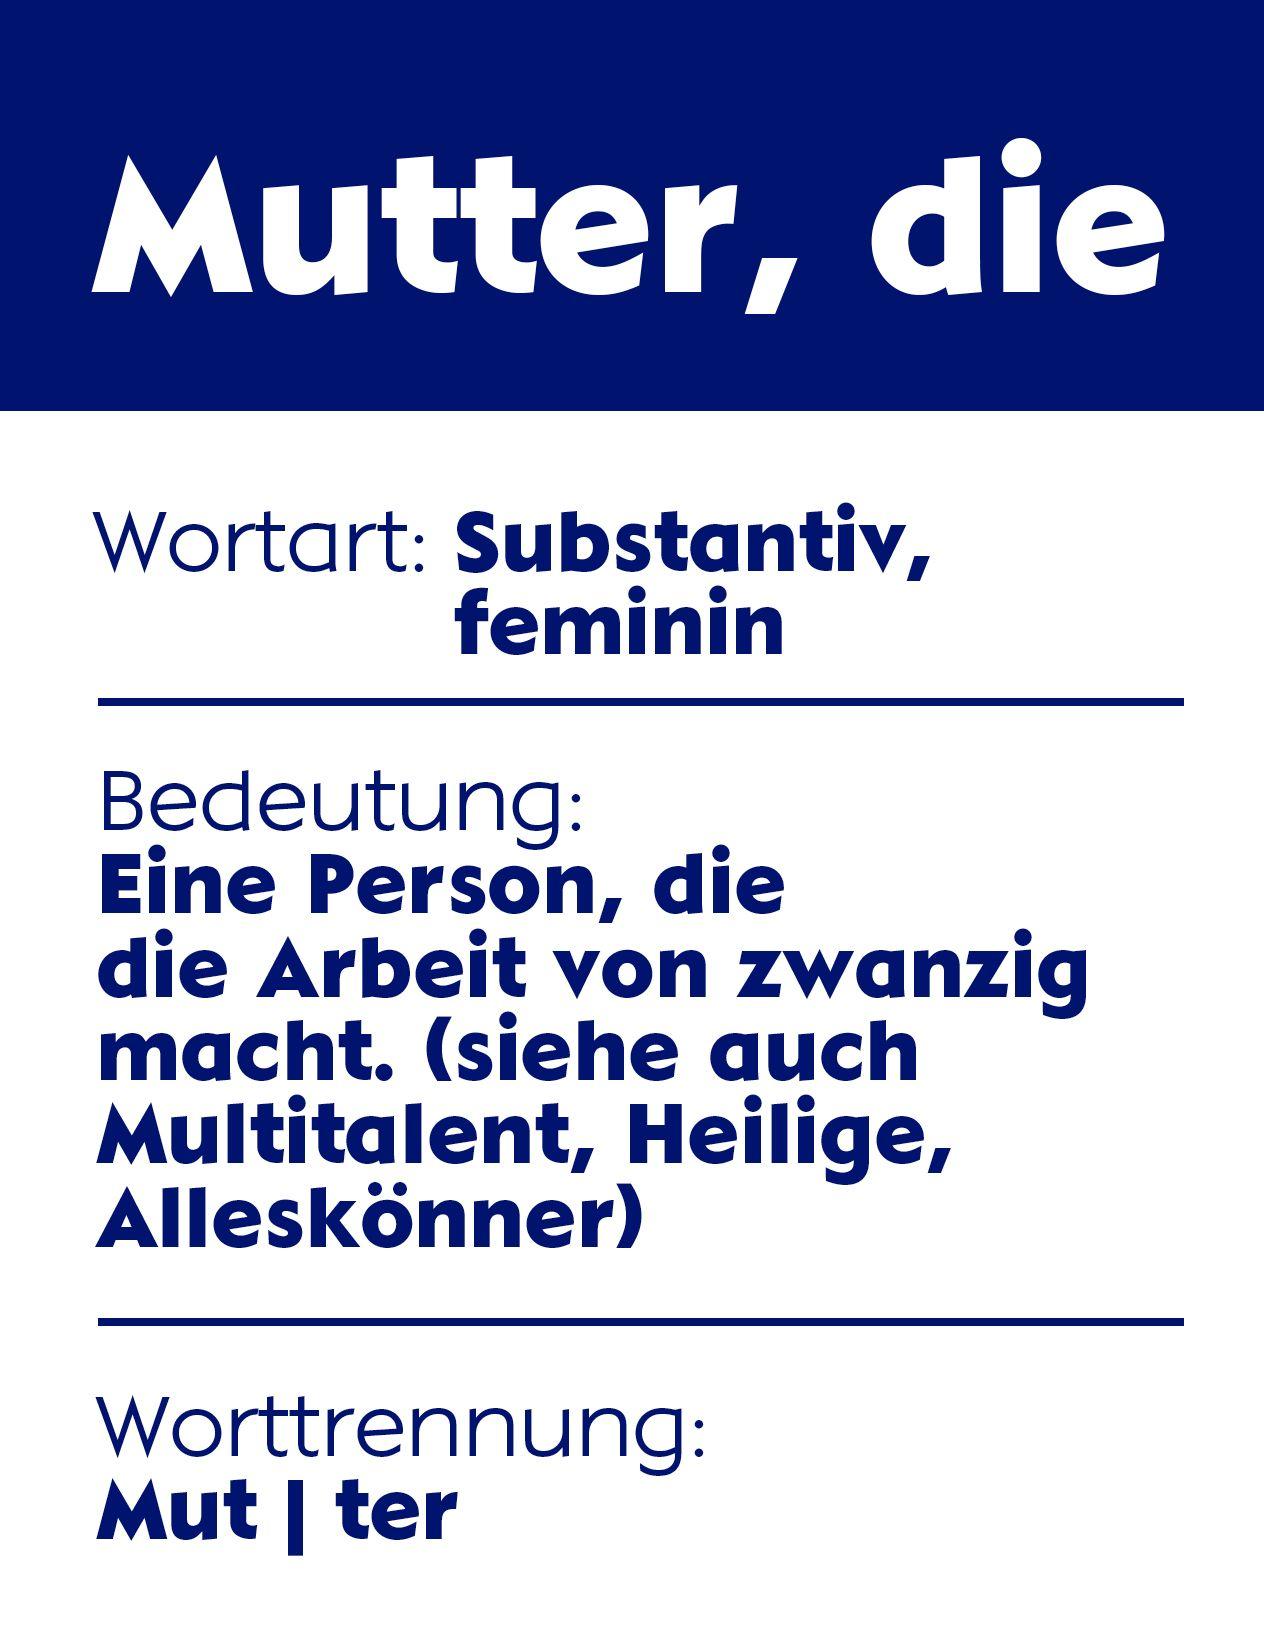 Gedicht muttertag bayerisch